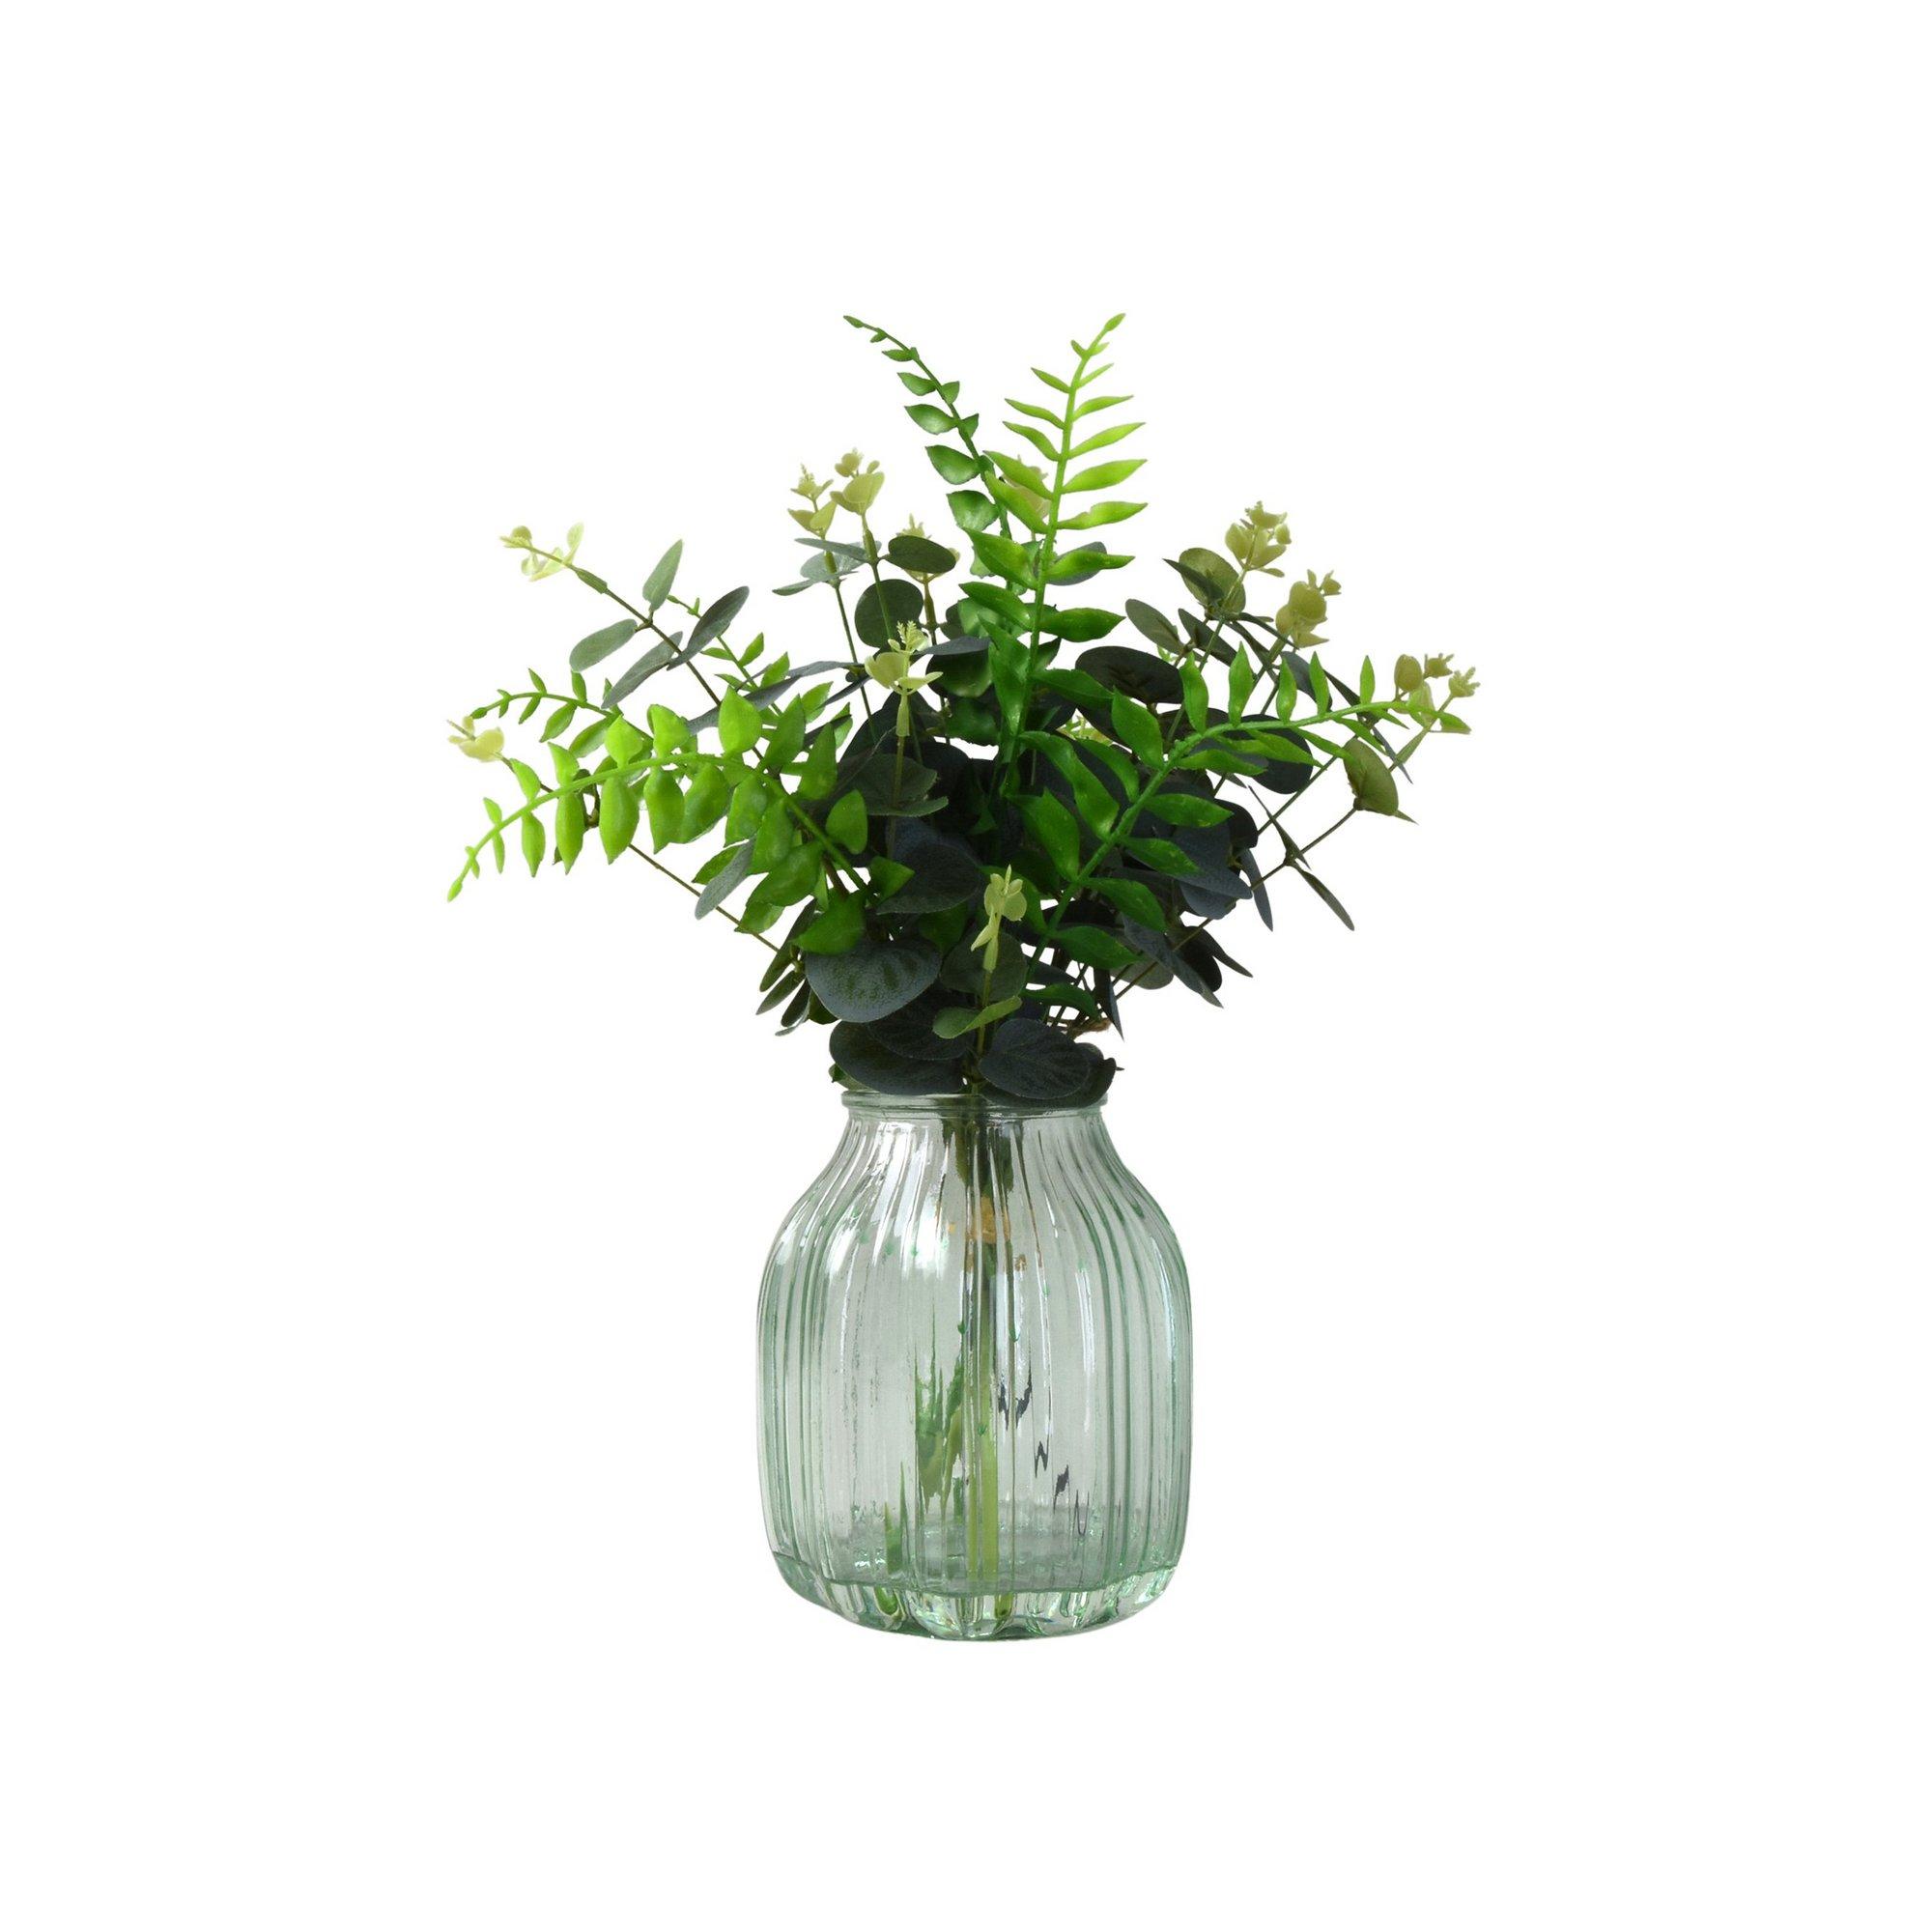 Image of Eucalyptus Arrangement in Glass Vase